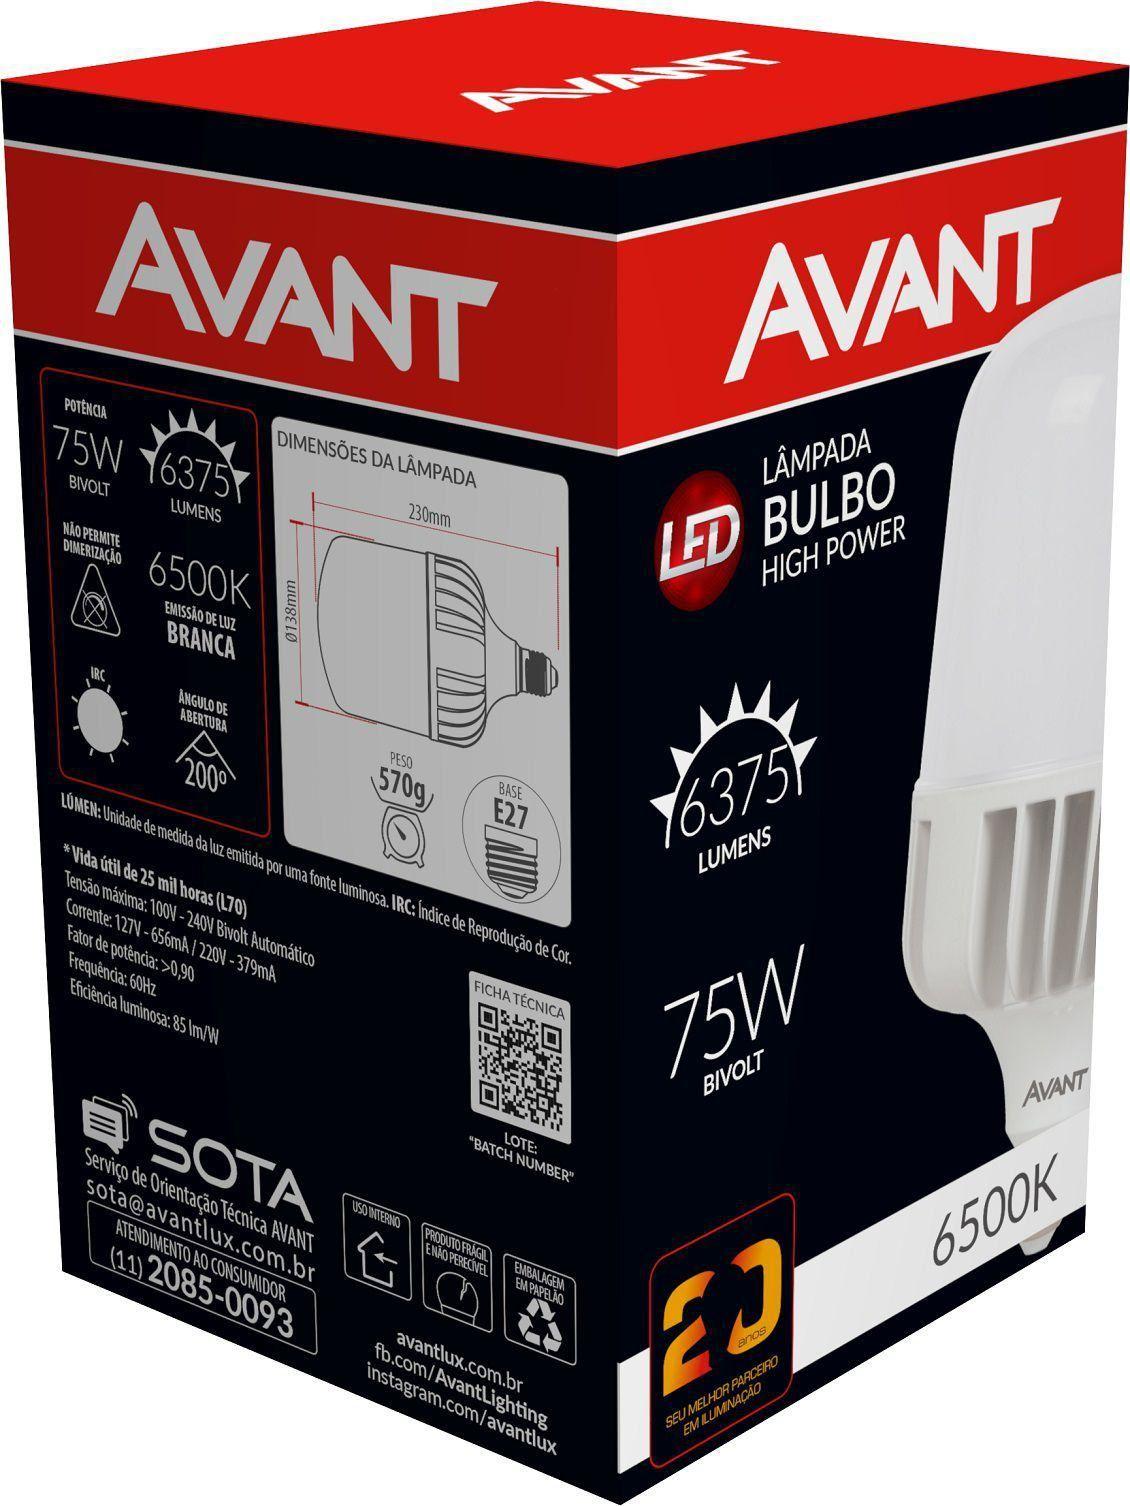 Lâmpada Led Alta Potência 75w E27 Luz Branca Fria Avant